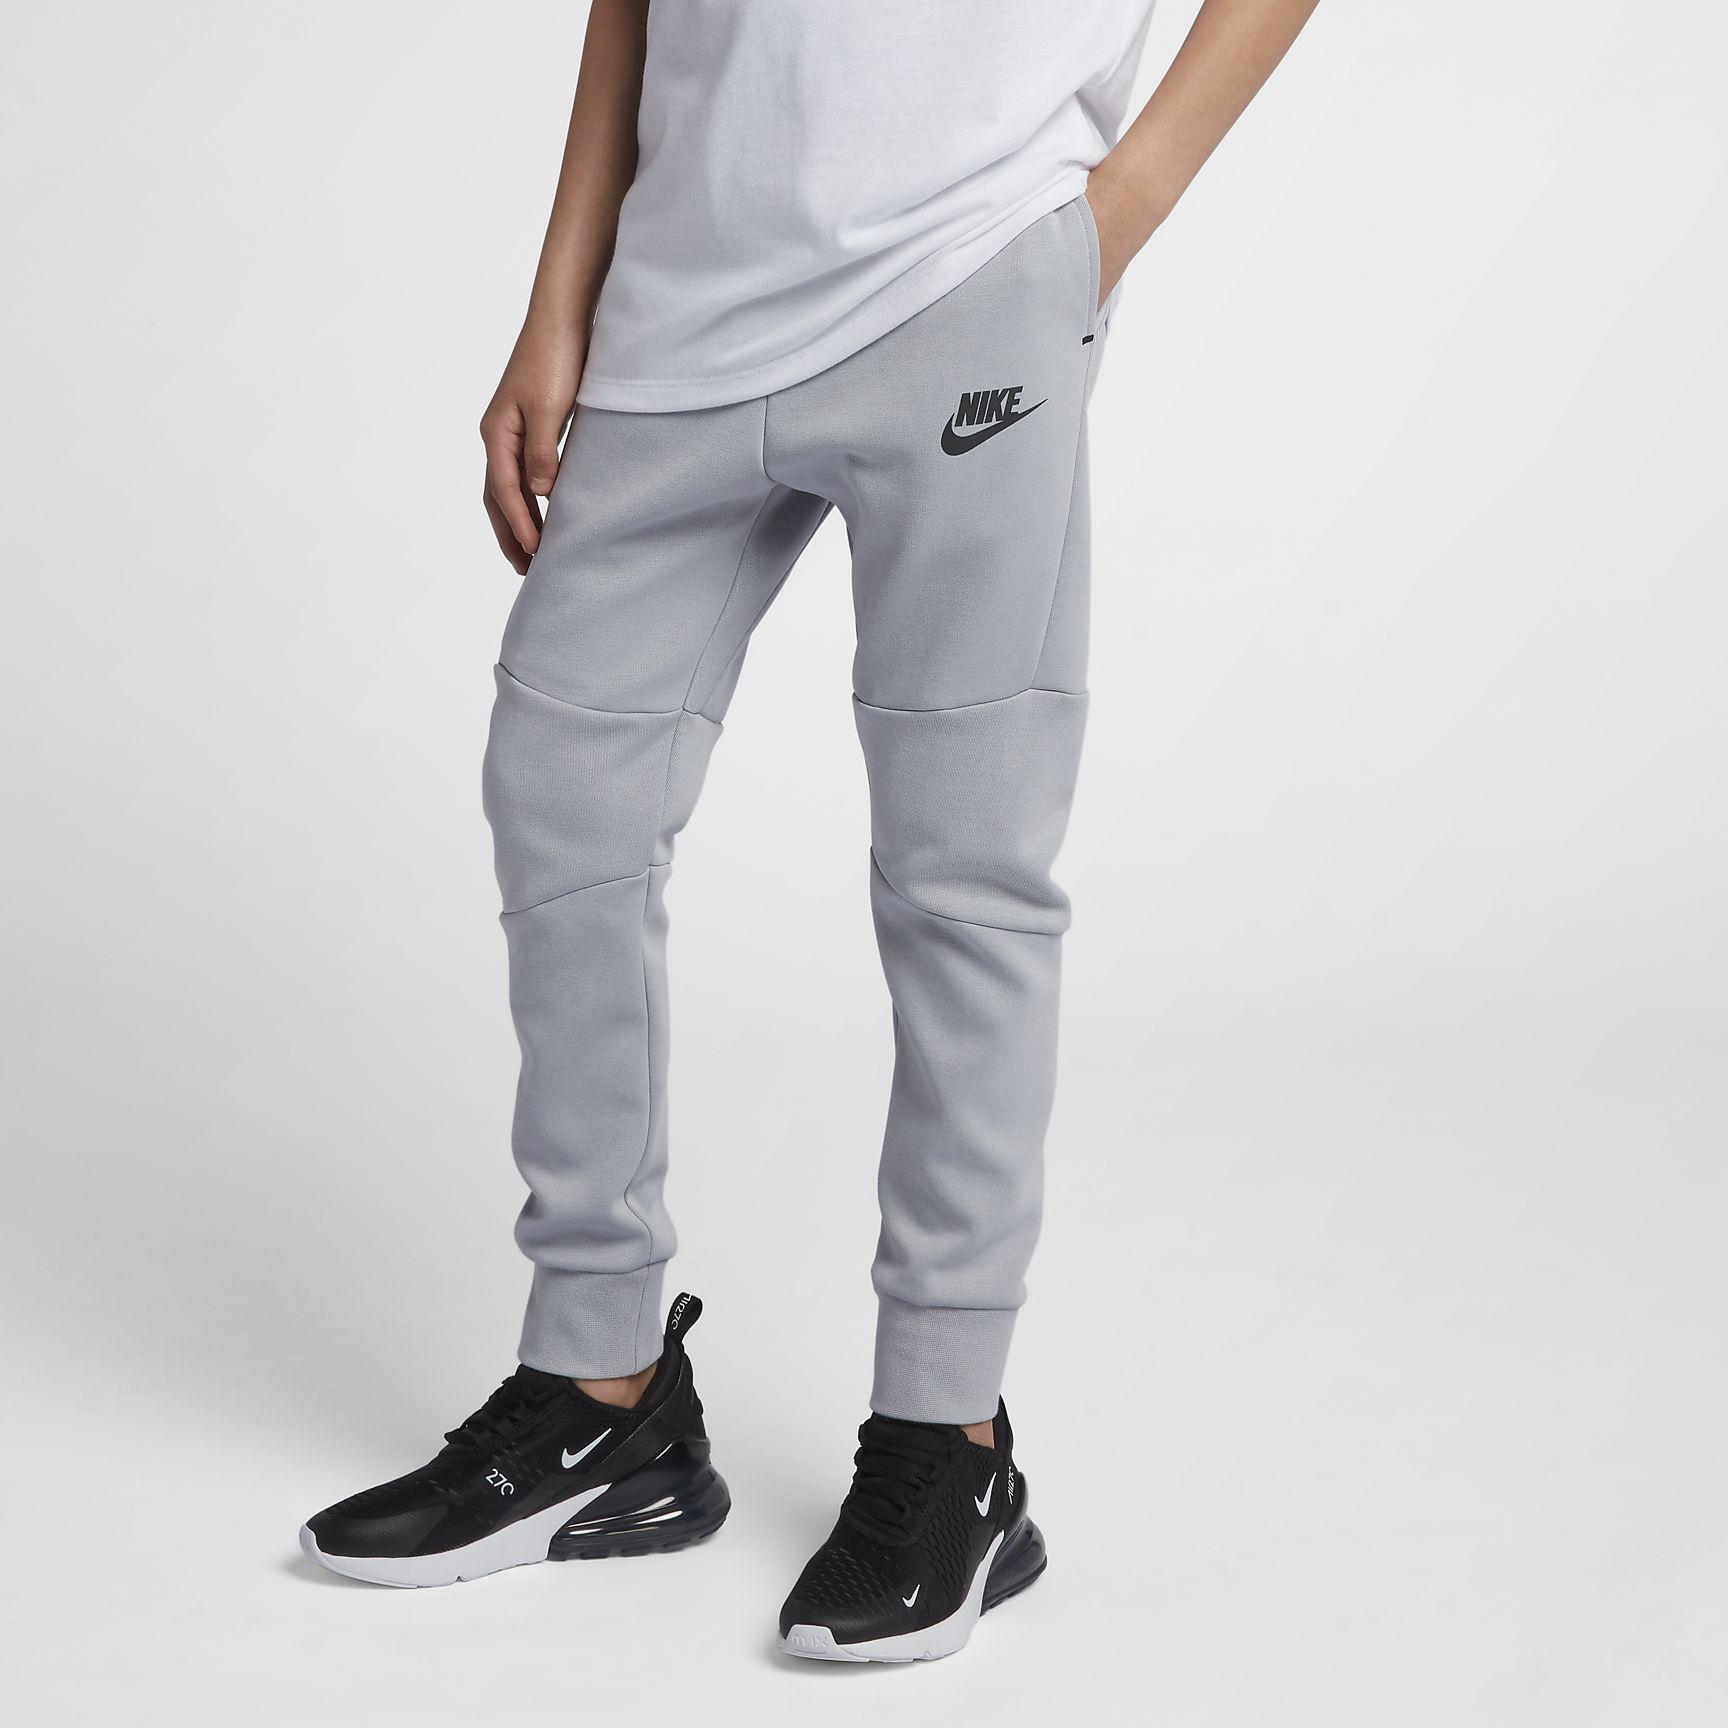 f60daecde36e Nike Sportswear Tech Fleece Big Kids  (Boys ) Pants